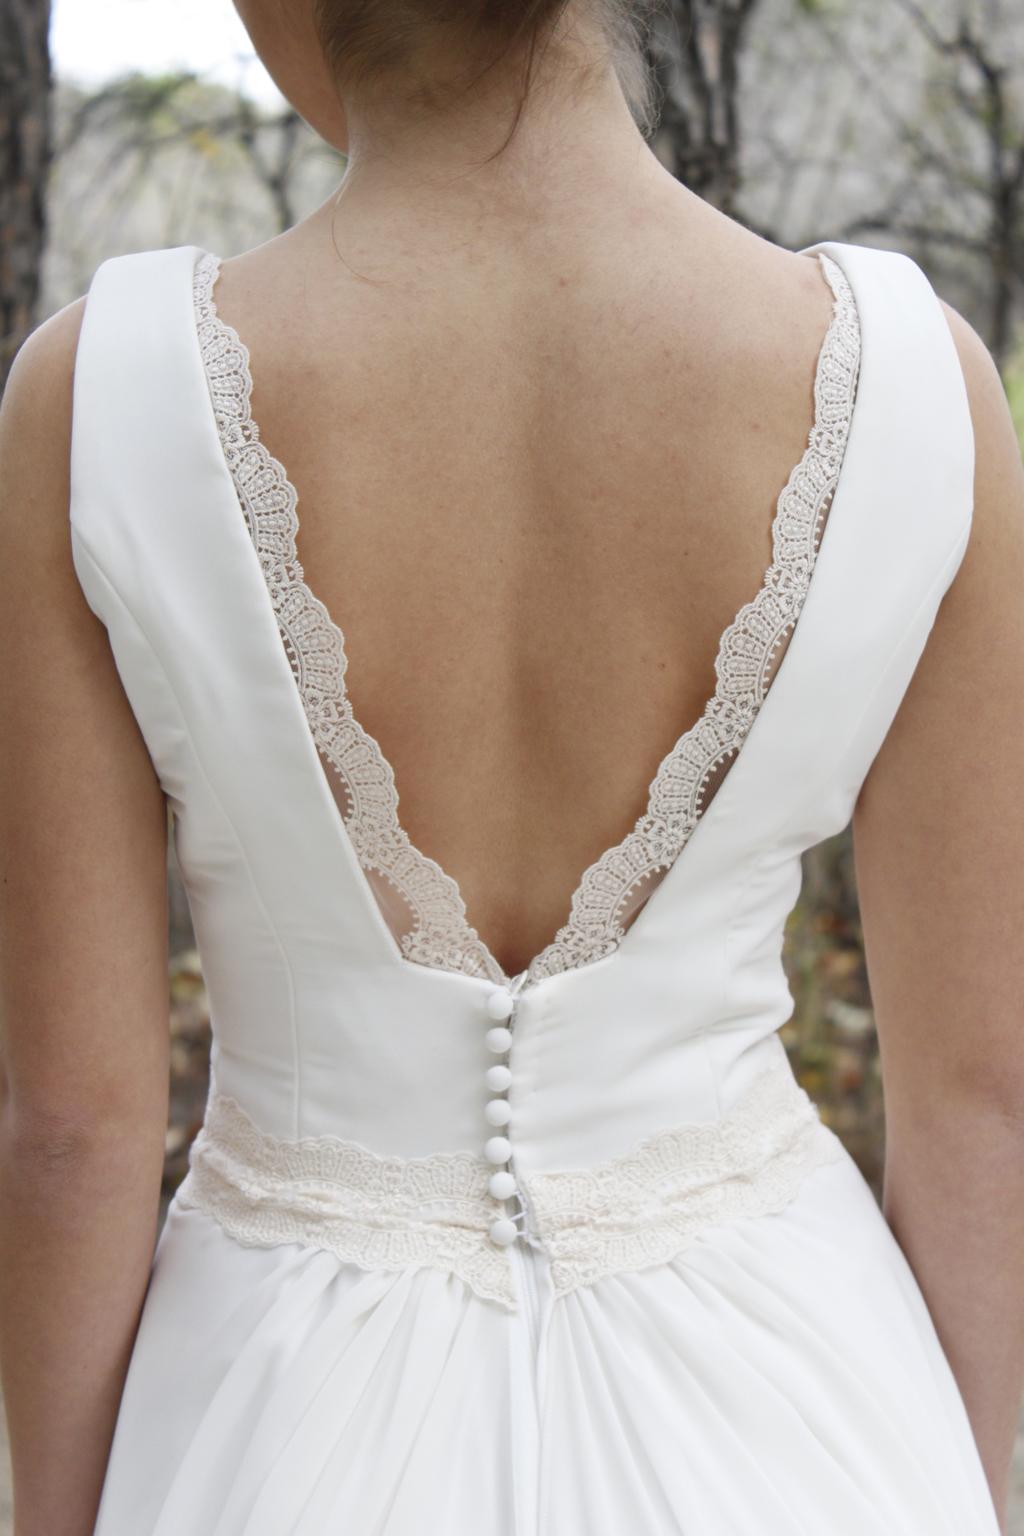 detalle espalda vestido novia navar -mk